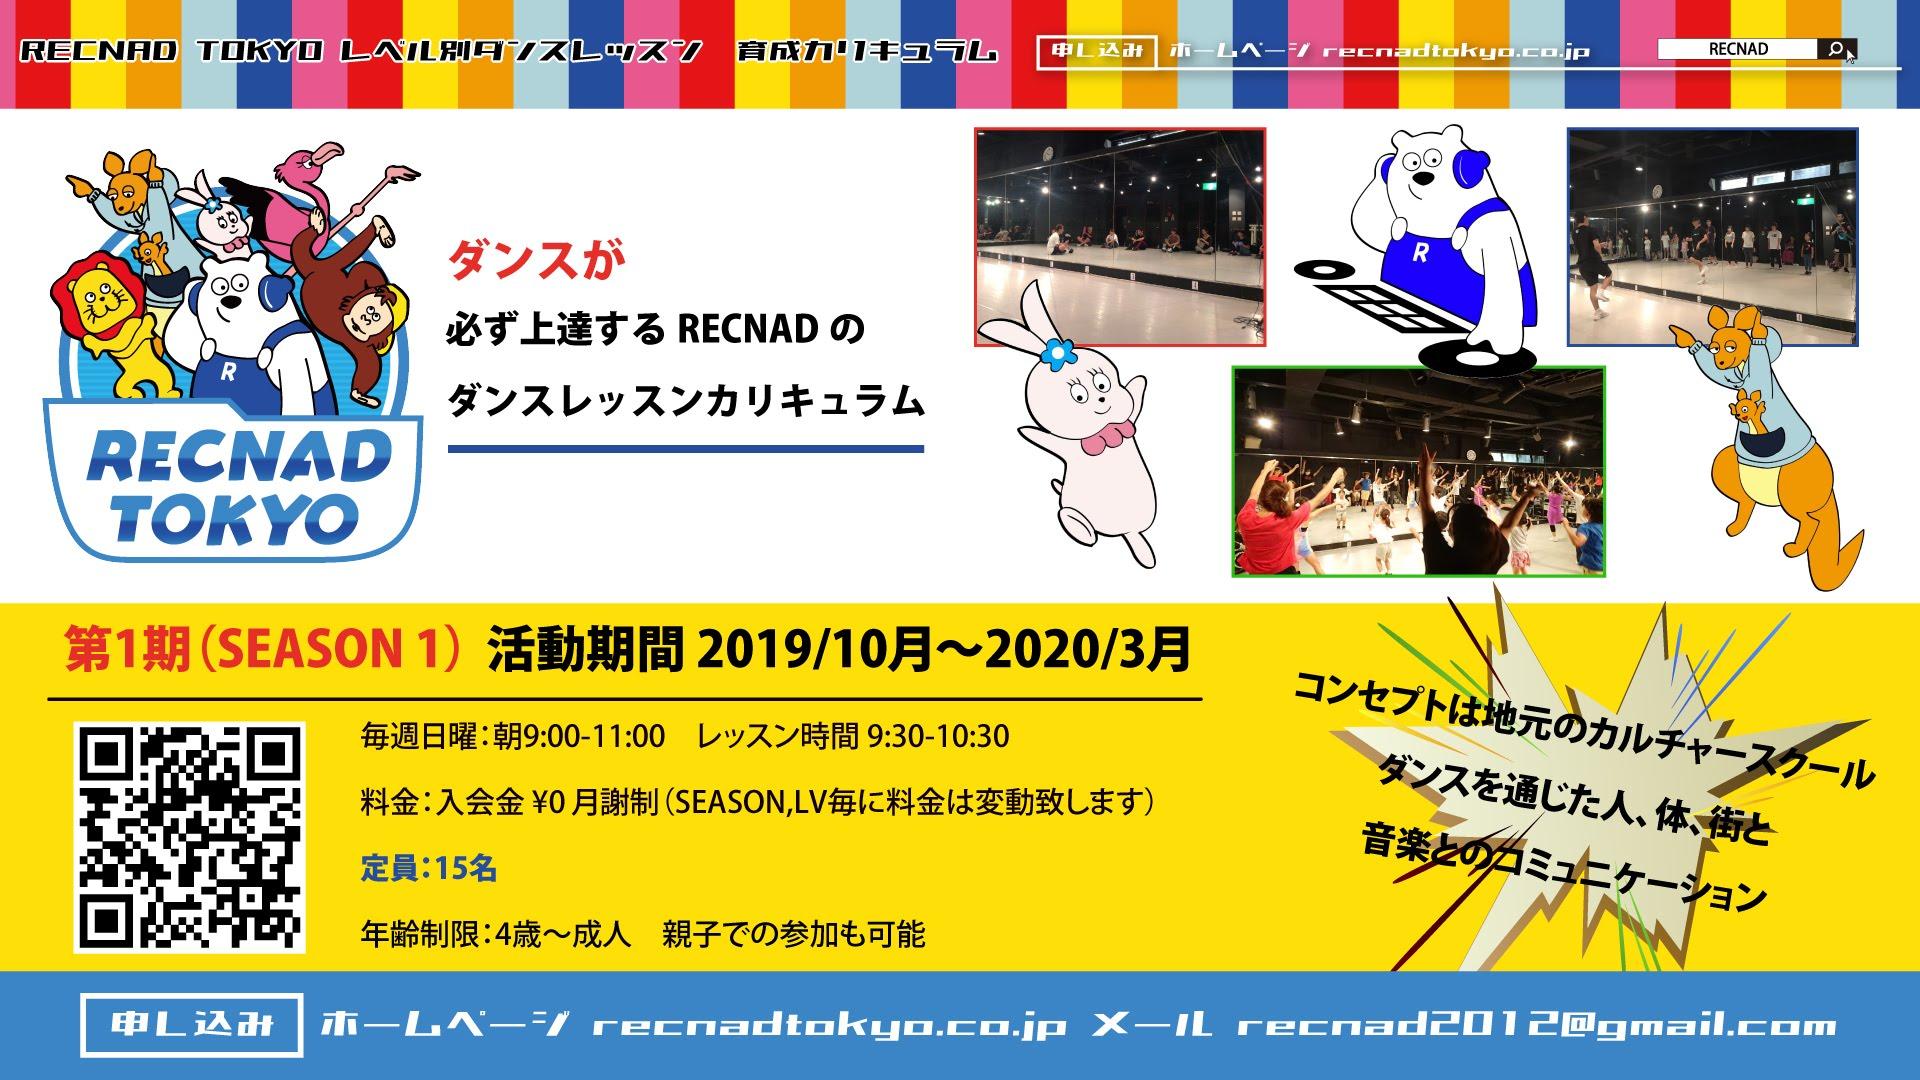 ダンスレッスン 東京 ダンススクール 2020年の社会人ダンスサークル RECNAD ダンスレッスン | ダンスサロンRECNAD